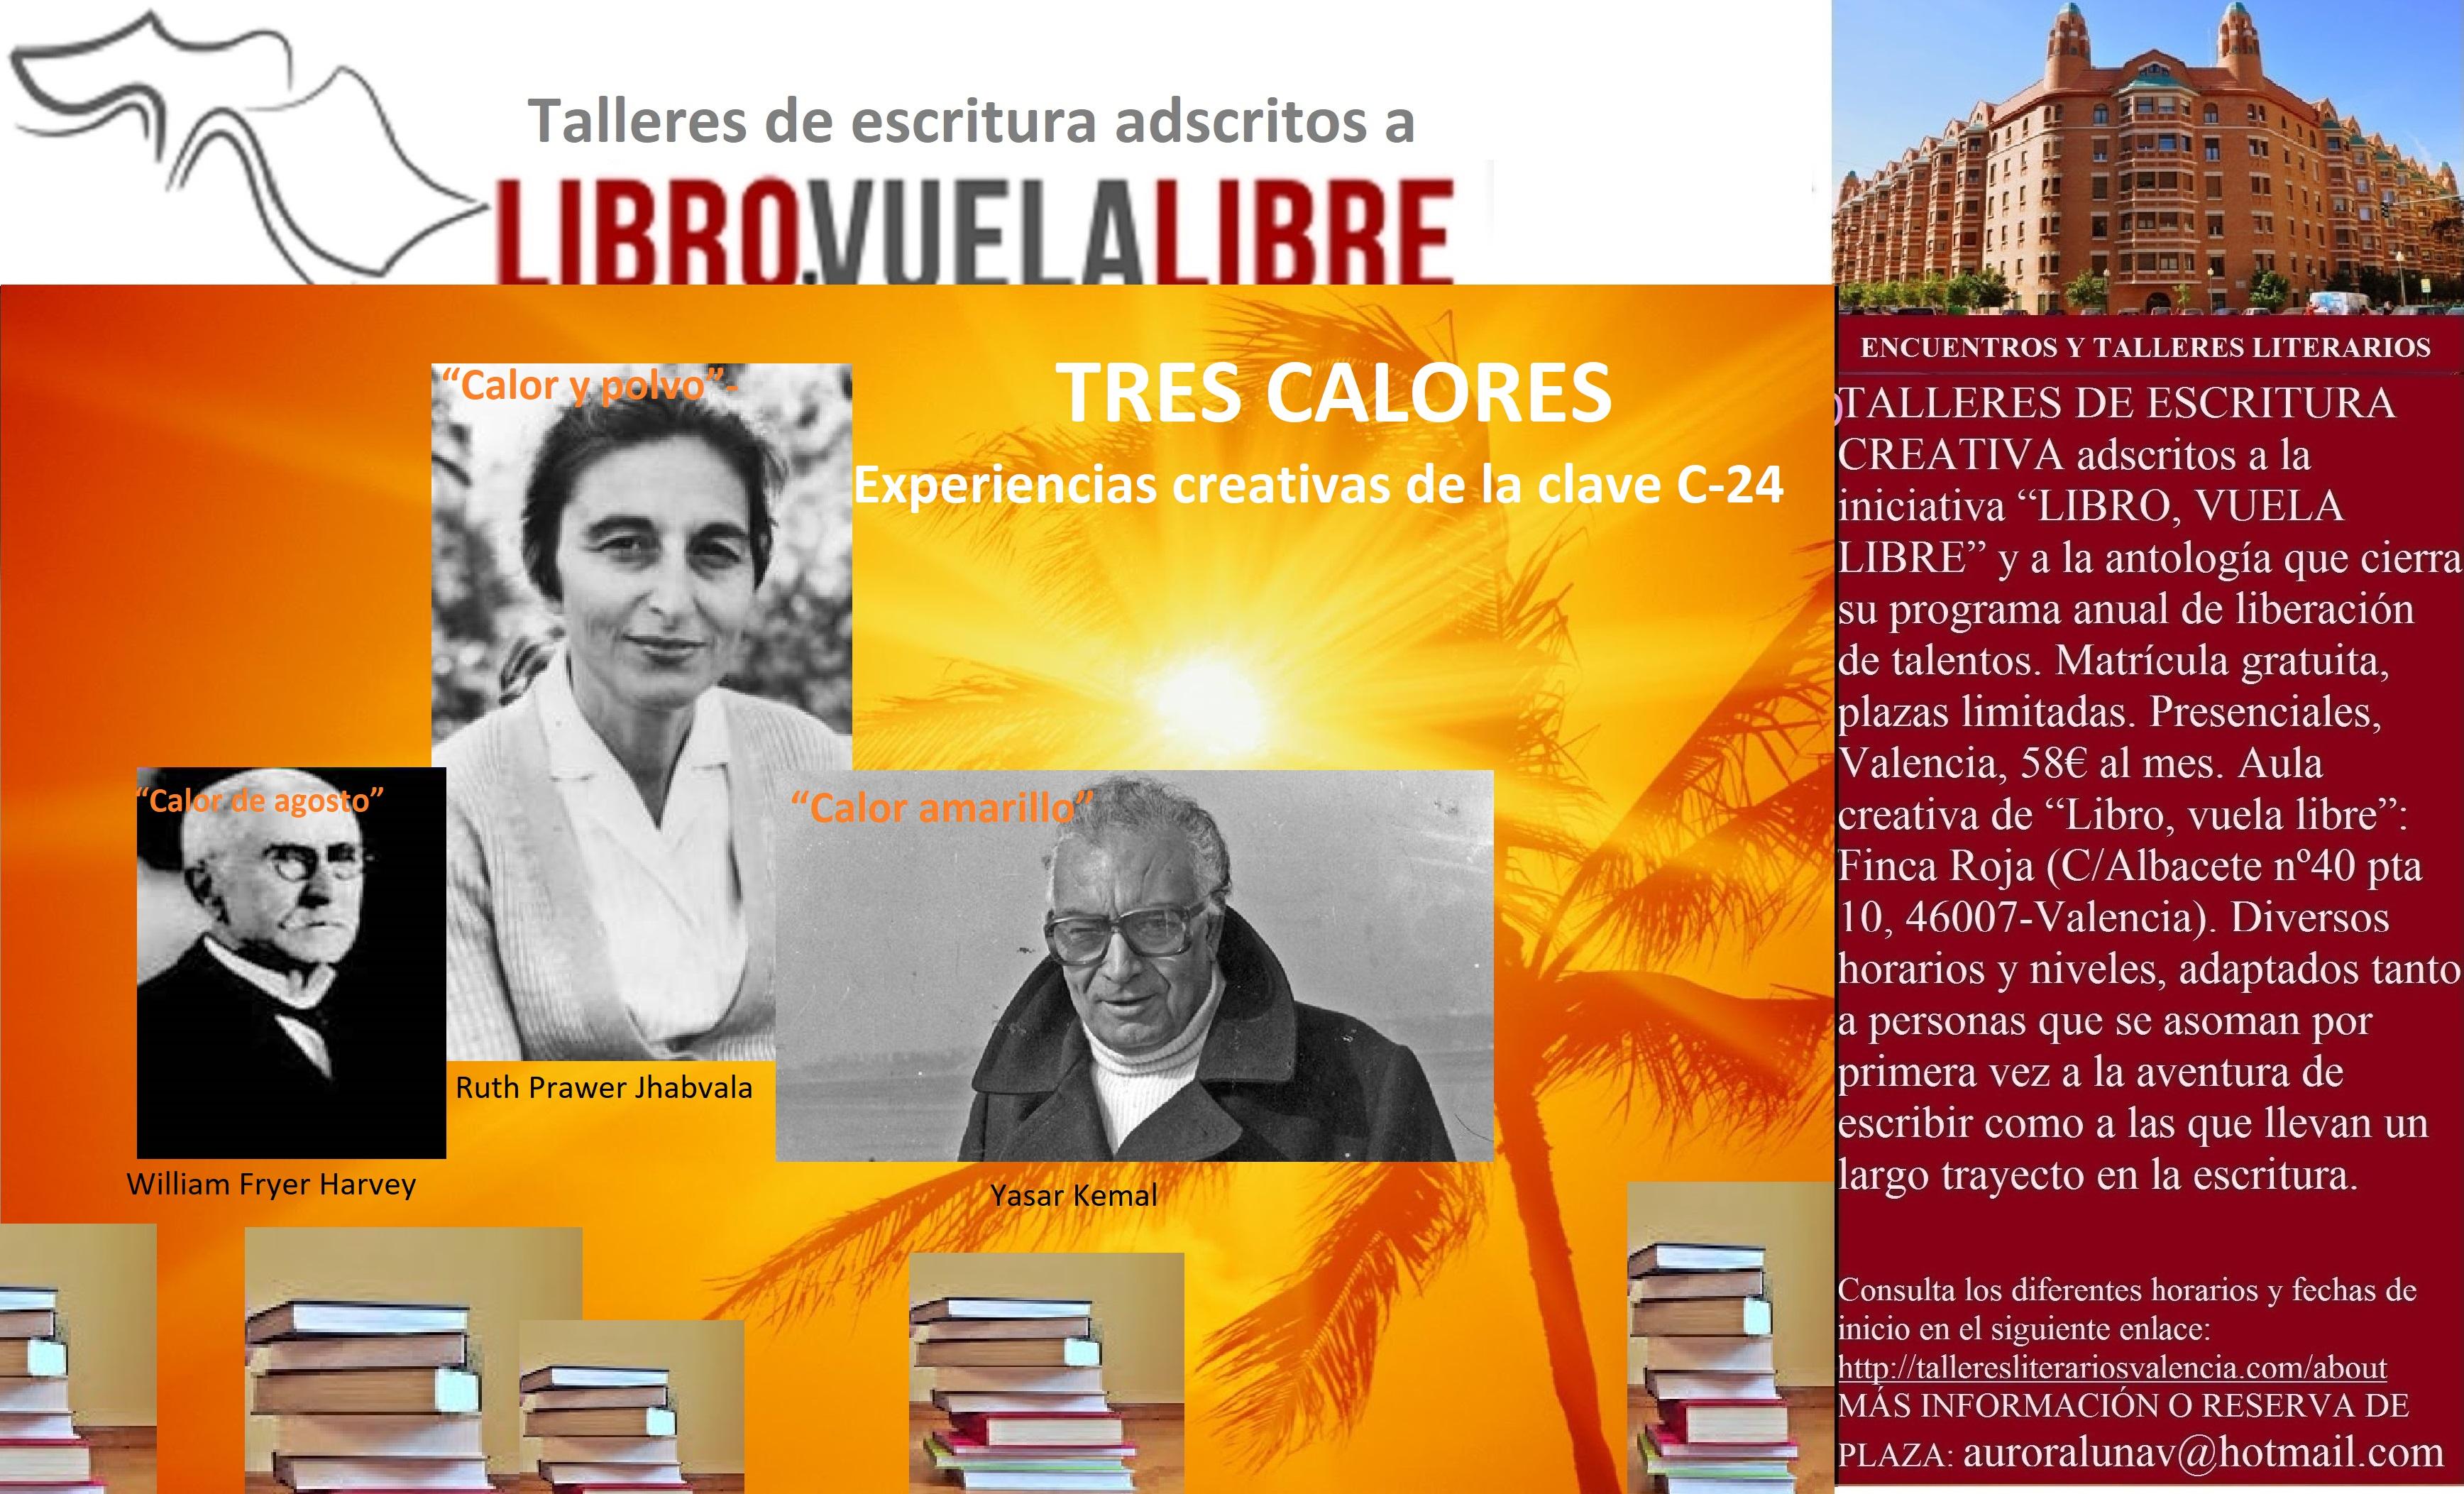 TRES CALORES. Club de escritura en Valencia, escritores de la clave C-24